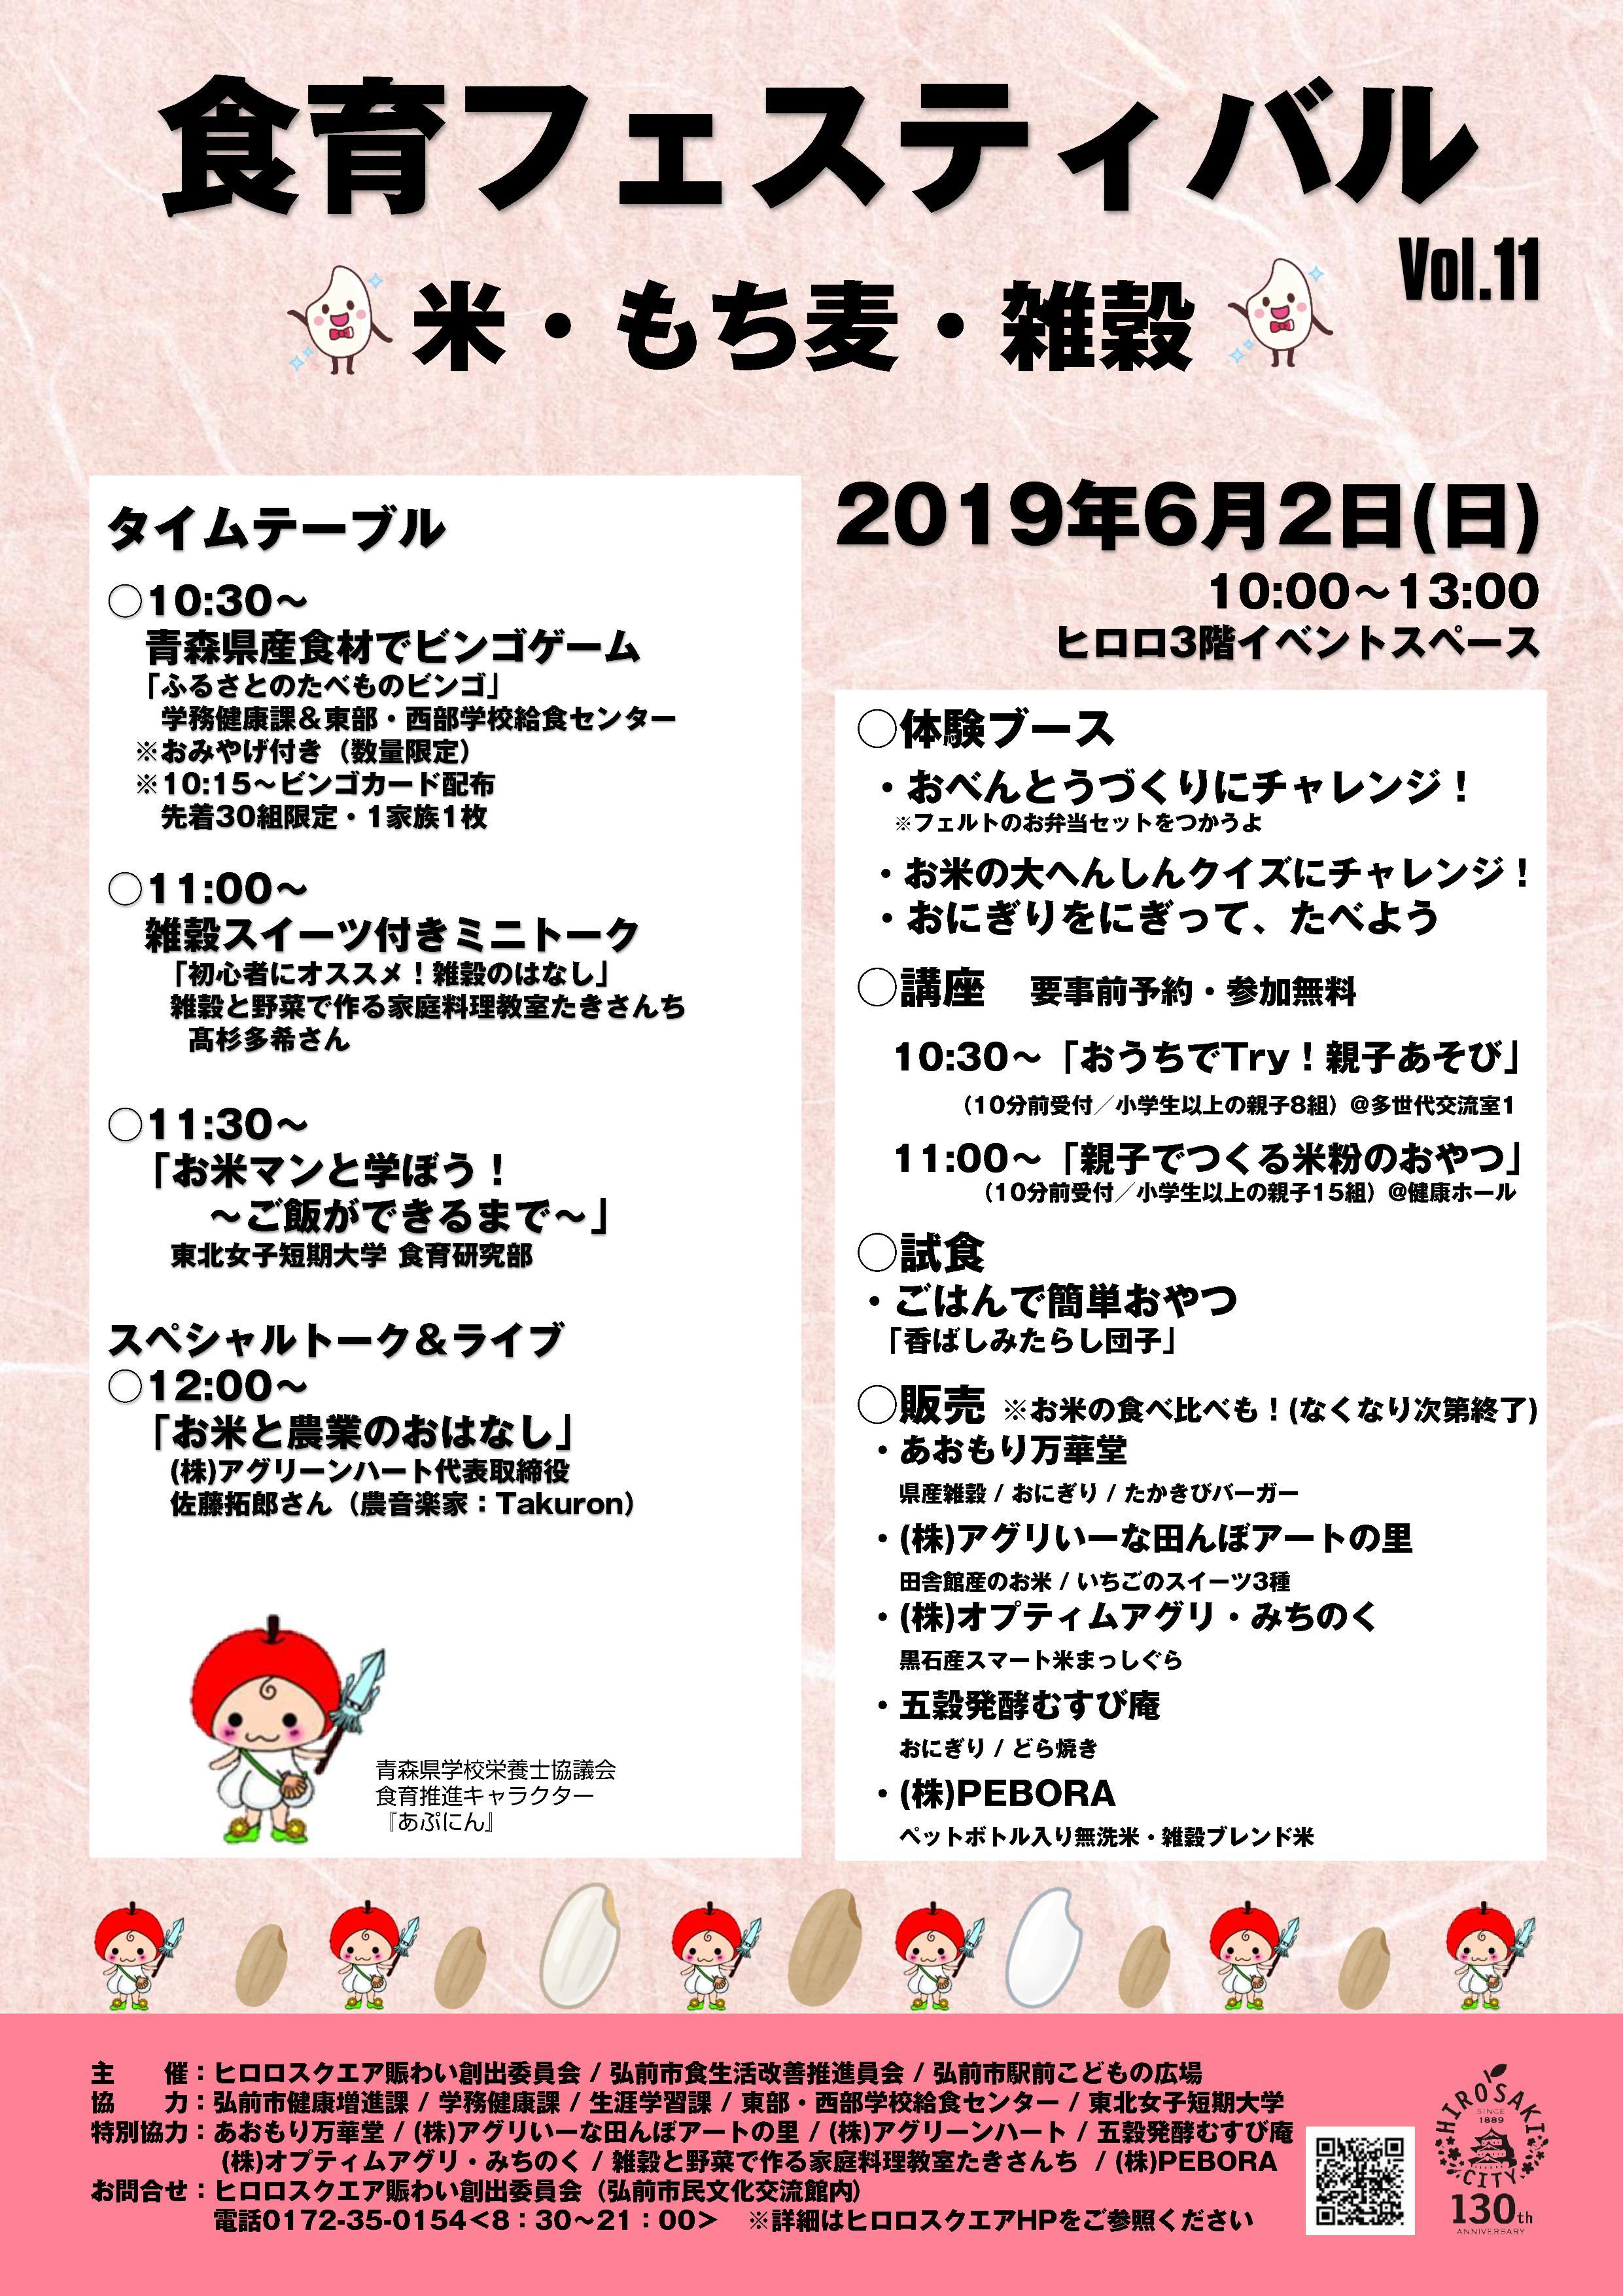 「第11回食育フェスティバル in ヒロロスクエア」ポスター